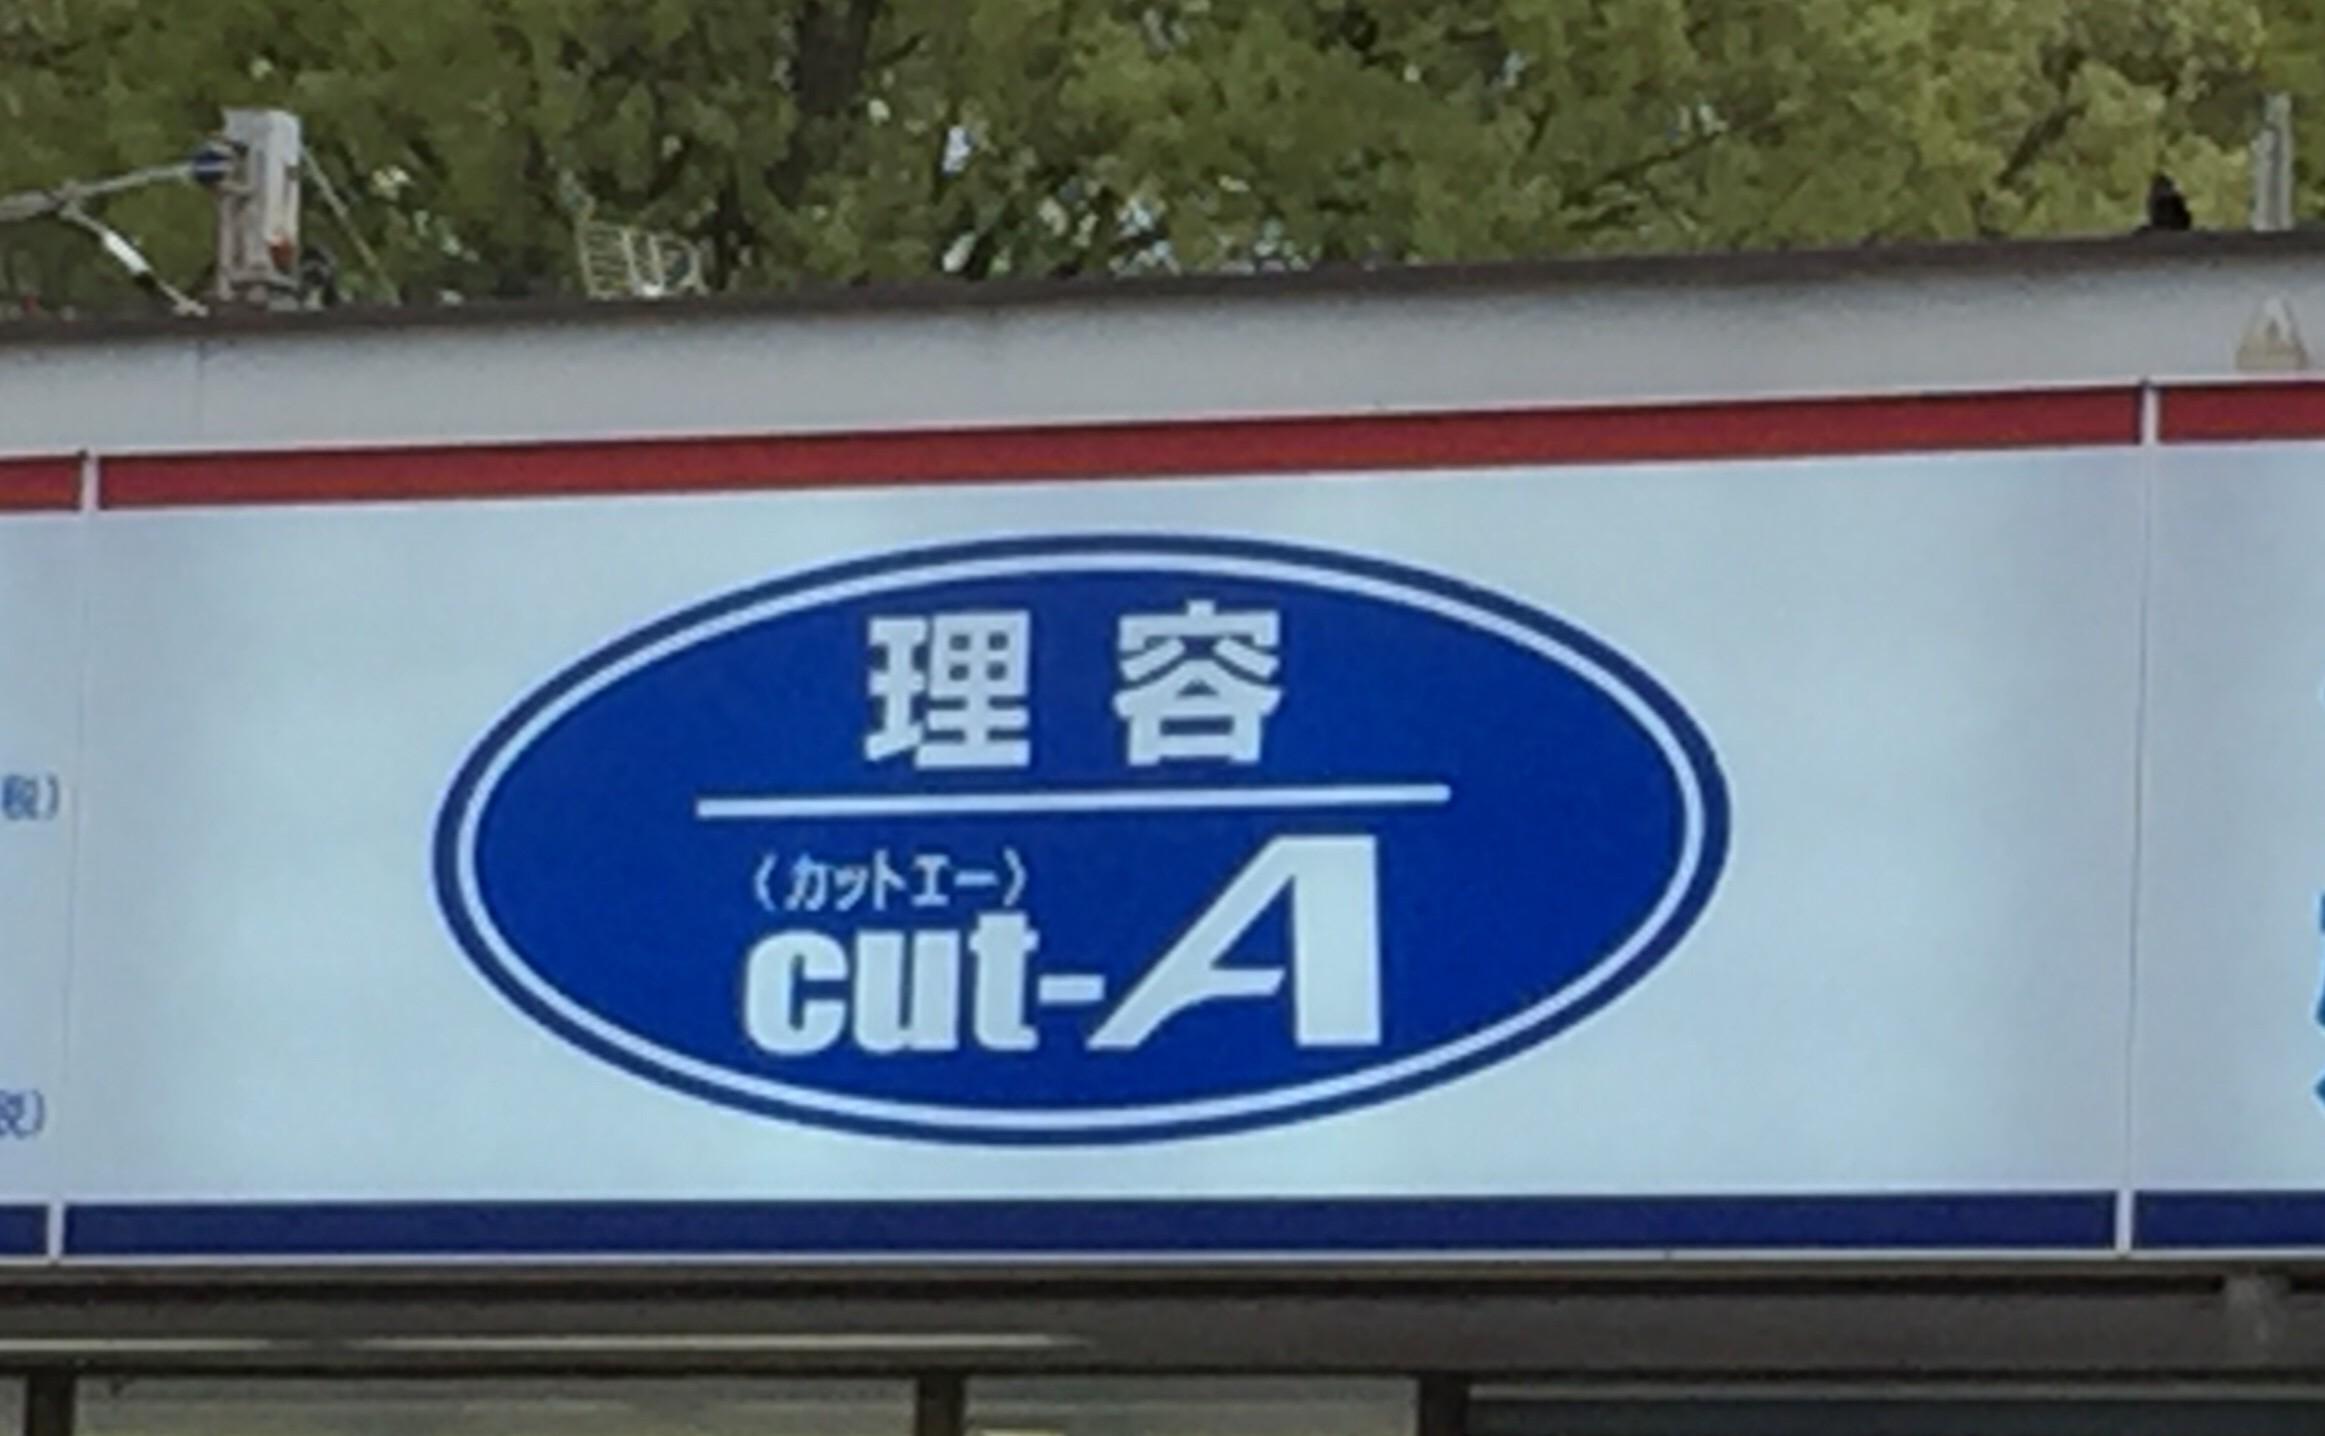 安い!!上尾市の理容室cut-A(カットエー) 顔剃りしてもらって1500円